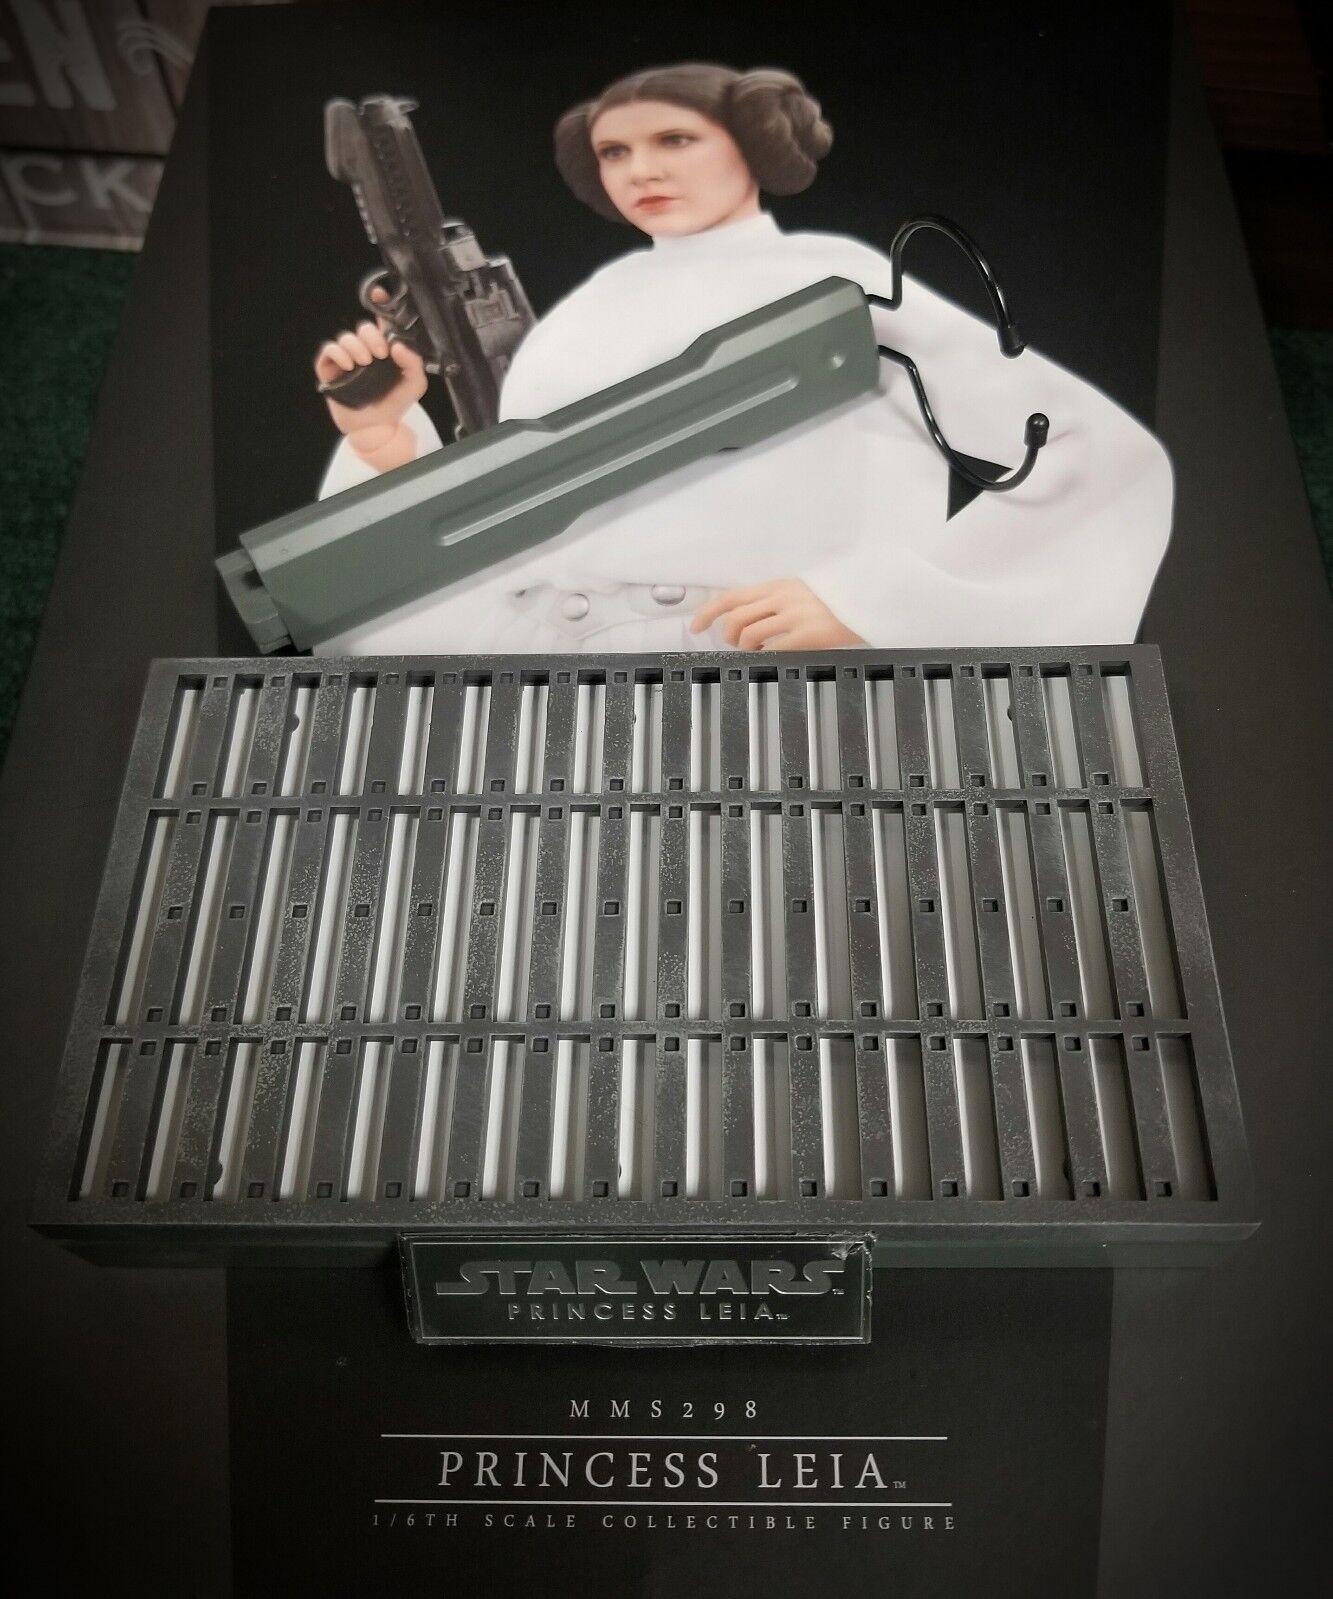 1/6 caliente Juguetes Star Wars Princesa Leia MMS298 Placa de Soporte de exhibición